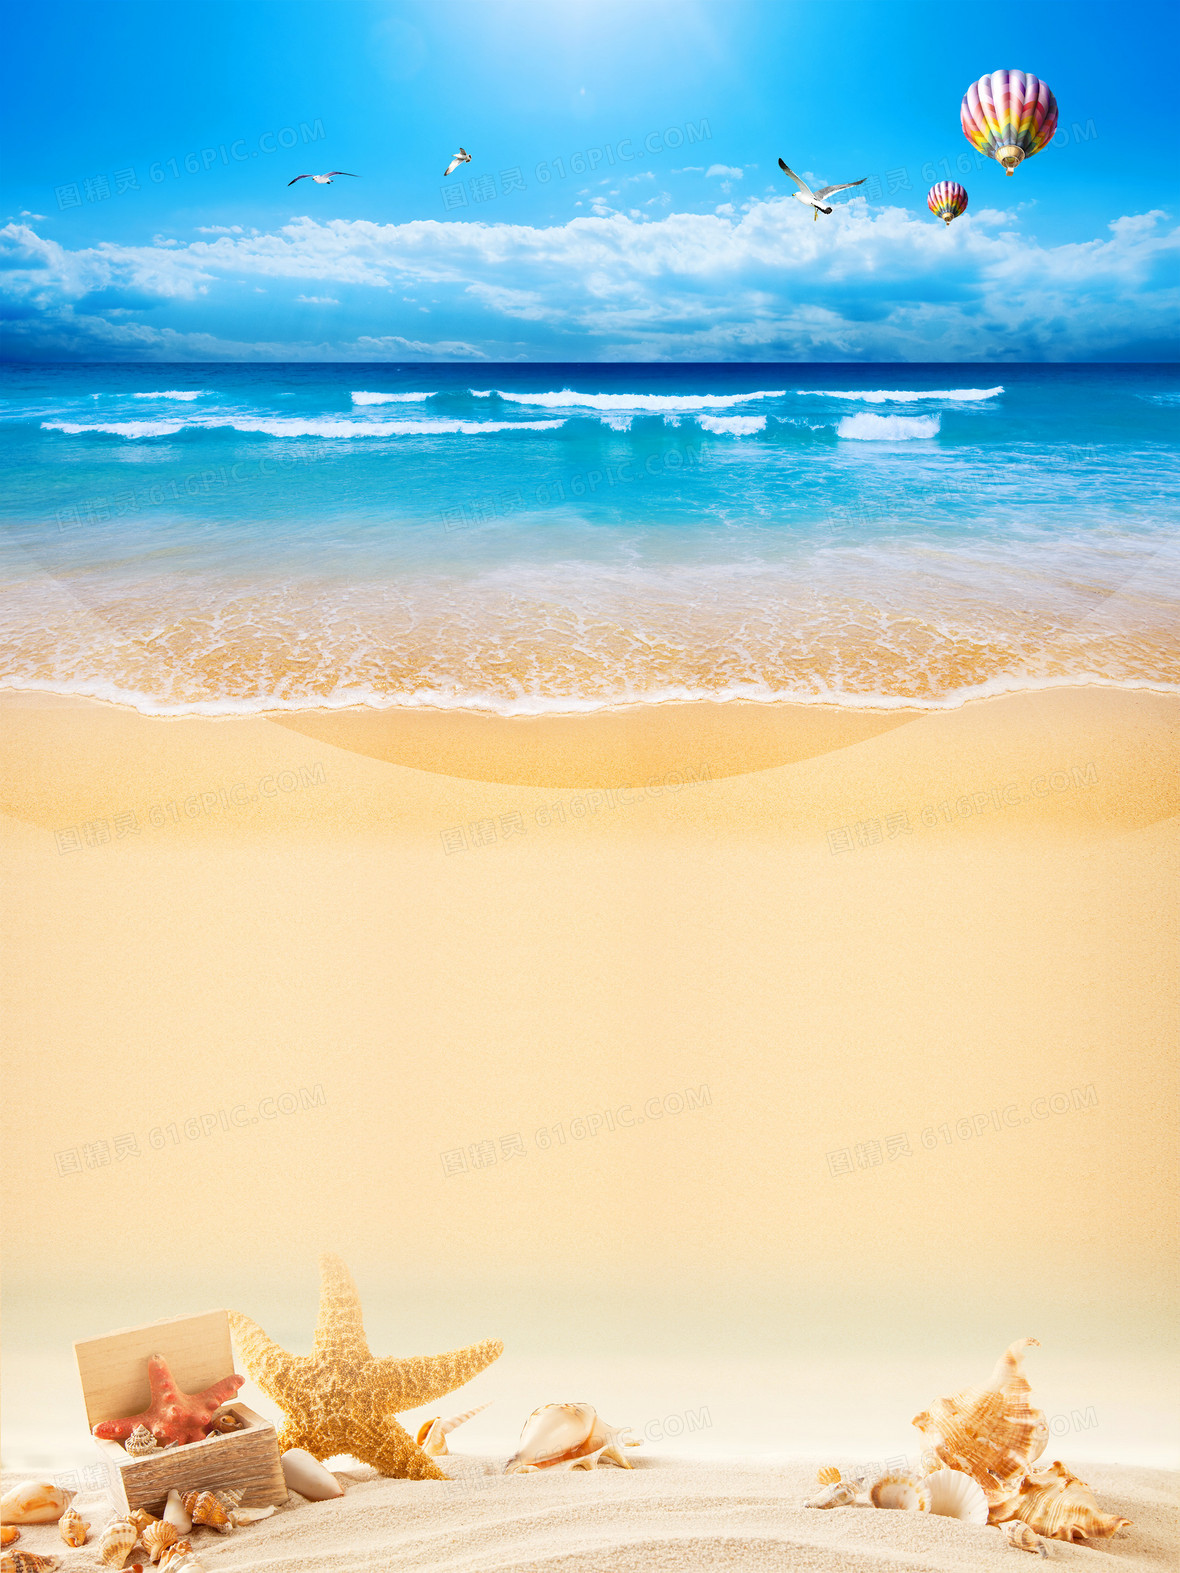 蓝天白云风景海滩沙滩气球海星背景素材